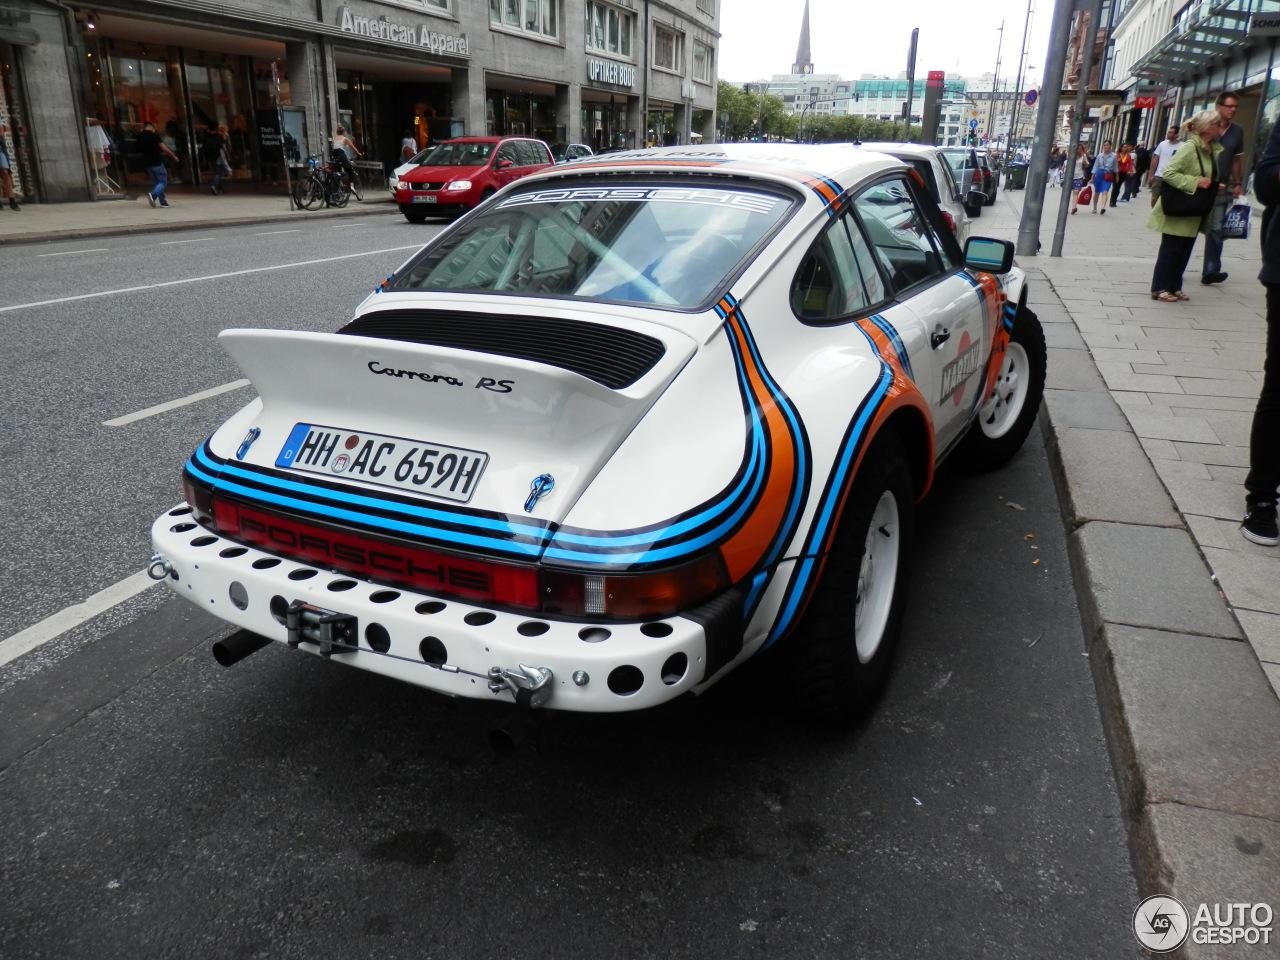 Porsche 911 Carrera Rs Rally 17 August 2016 Autogespot